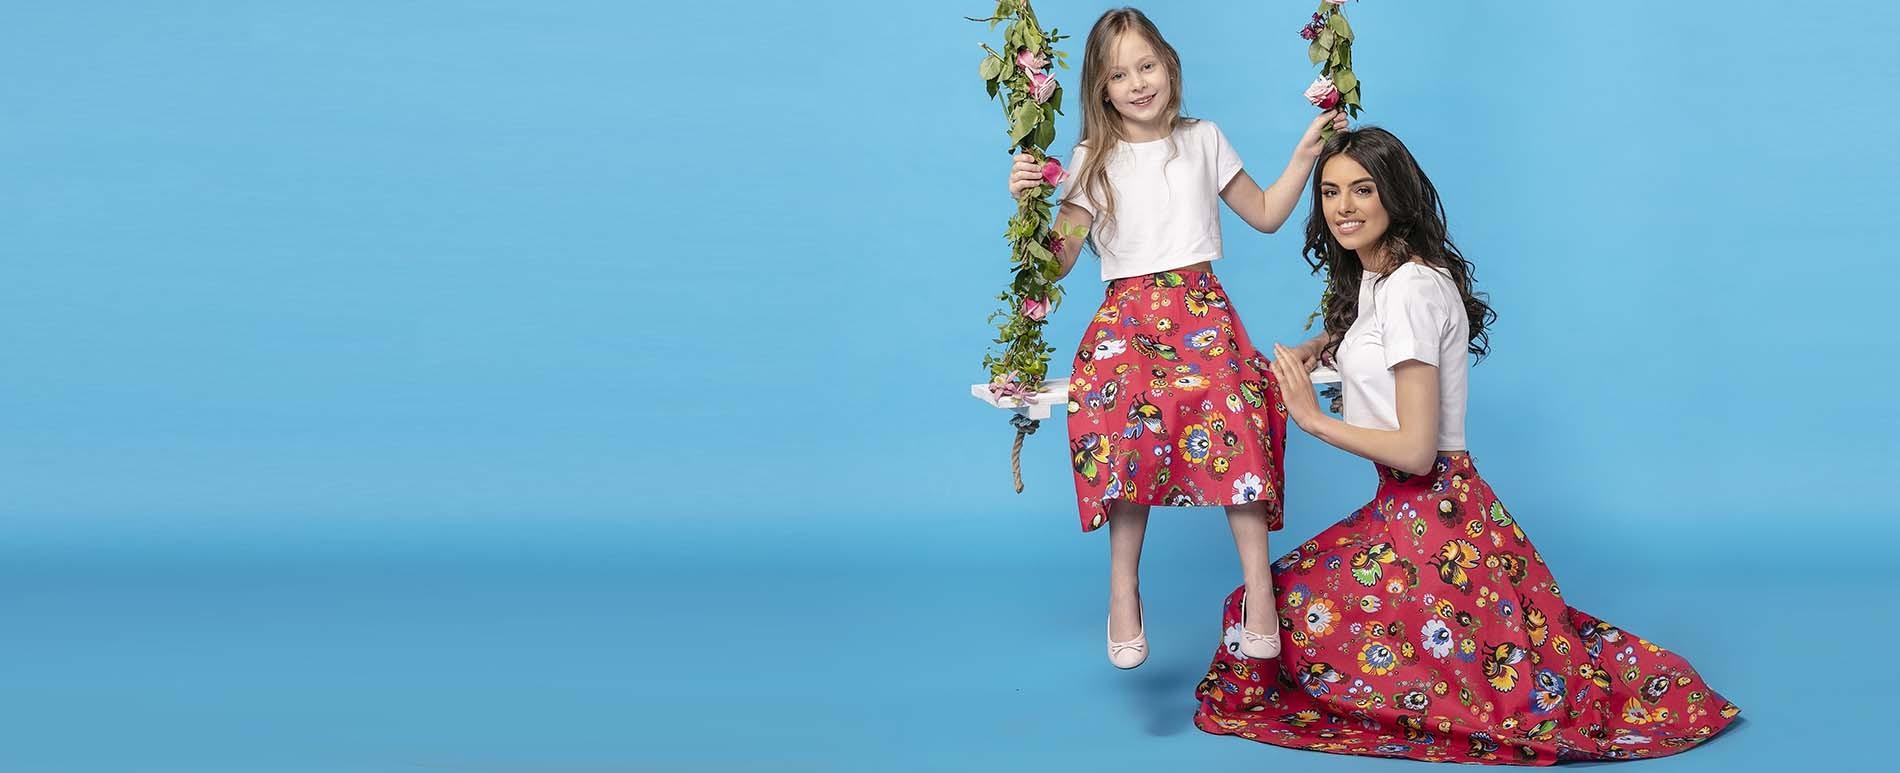 Kolekcia oblečenia pre mamu a dcérku. Klikni sem!